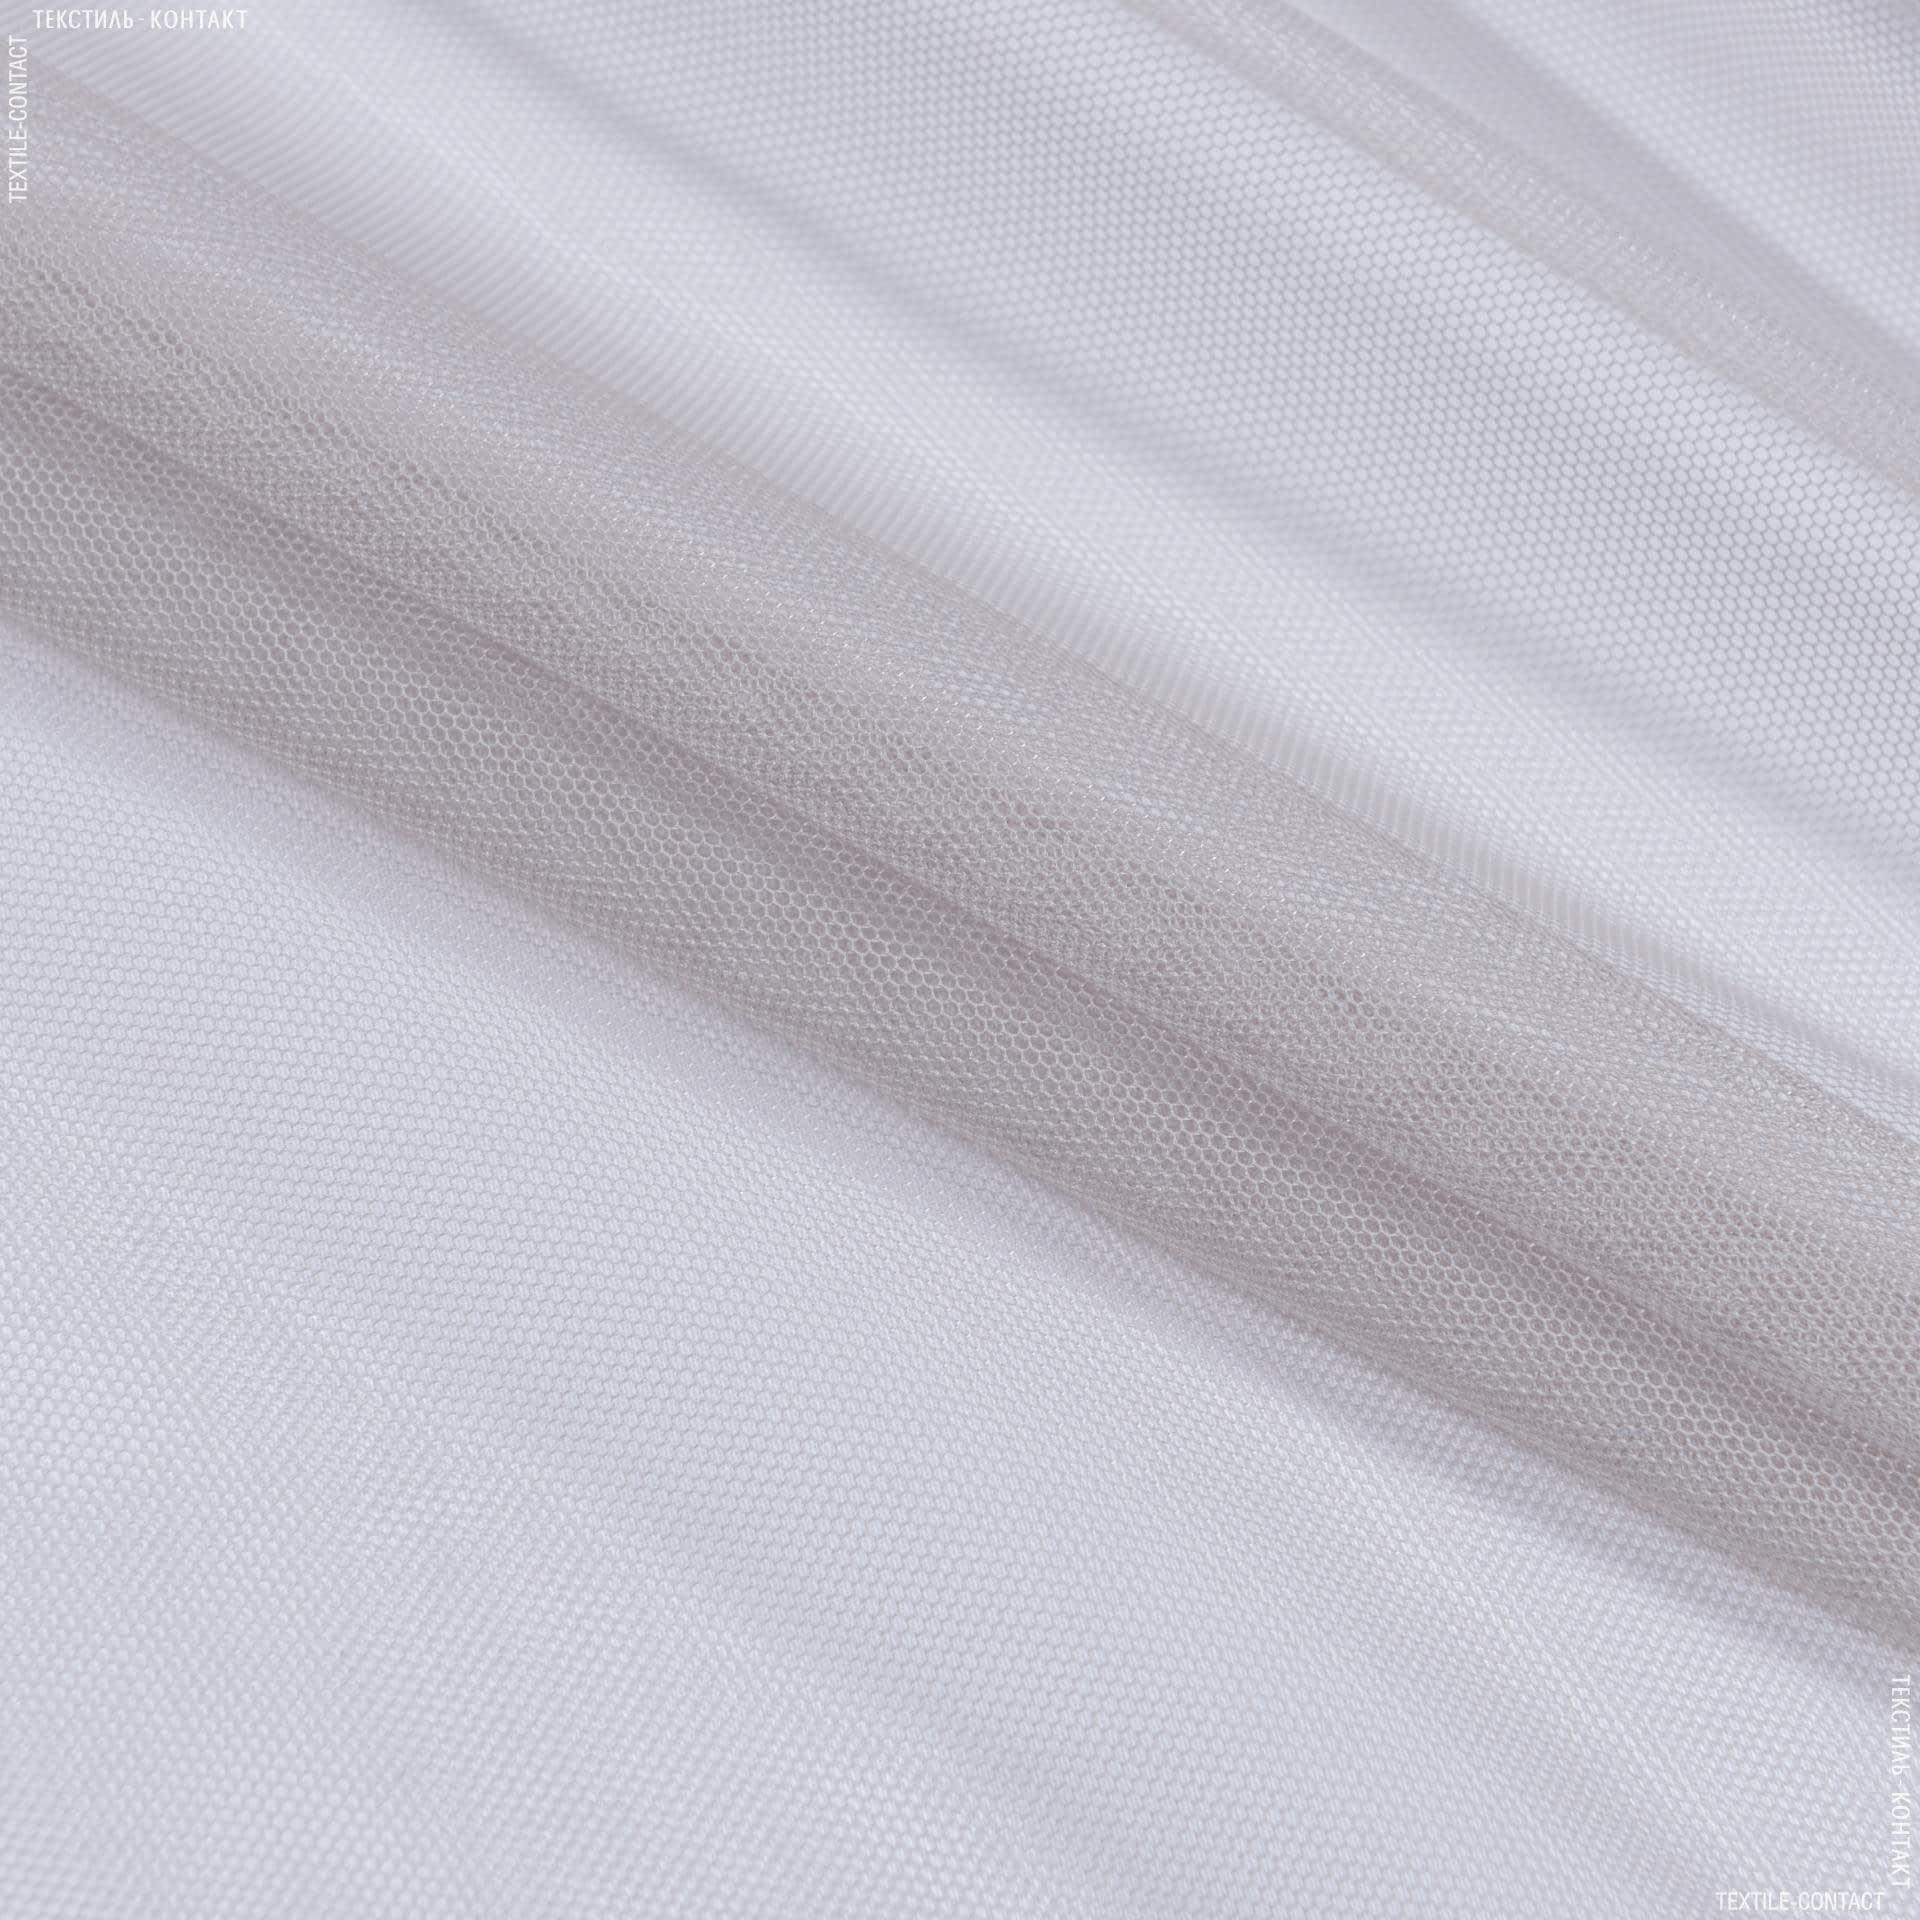 Тканини гардинні тканини - Тюль з обважнювачем сітка грек/grek св.сизий